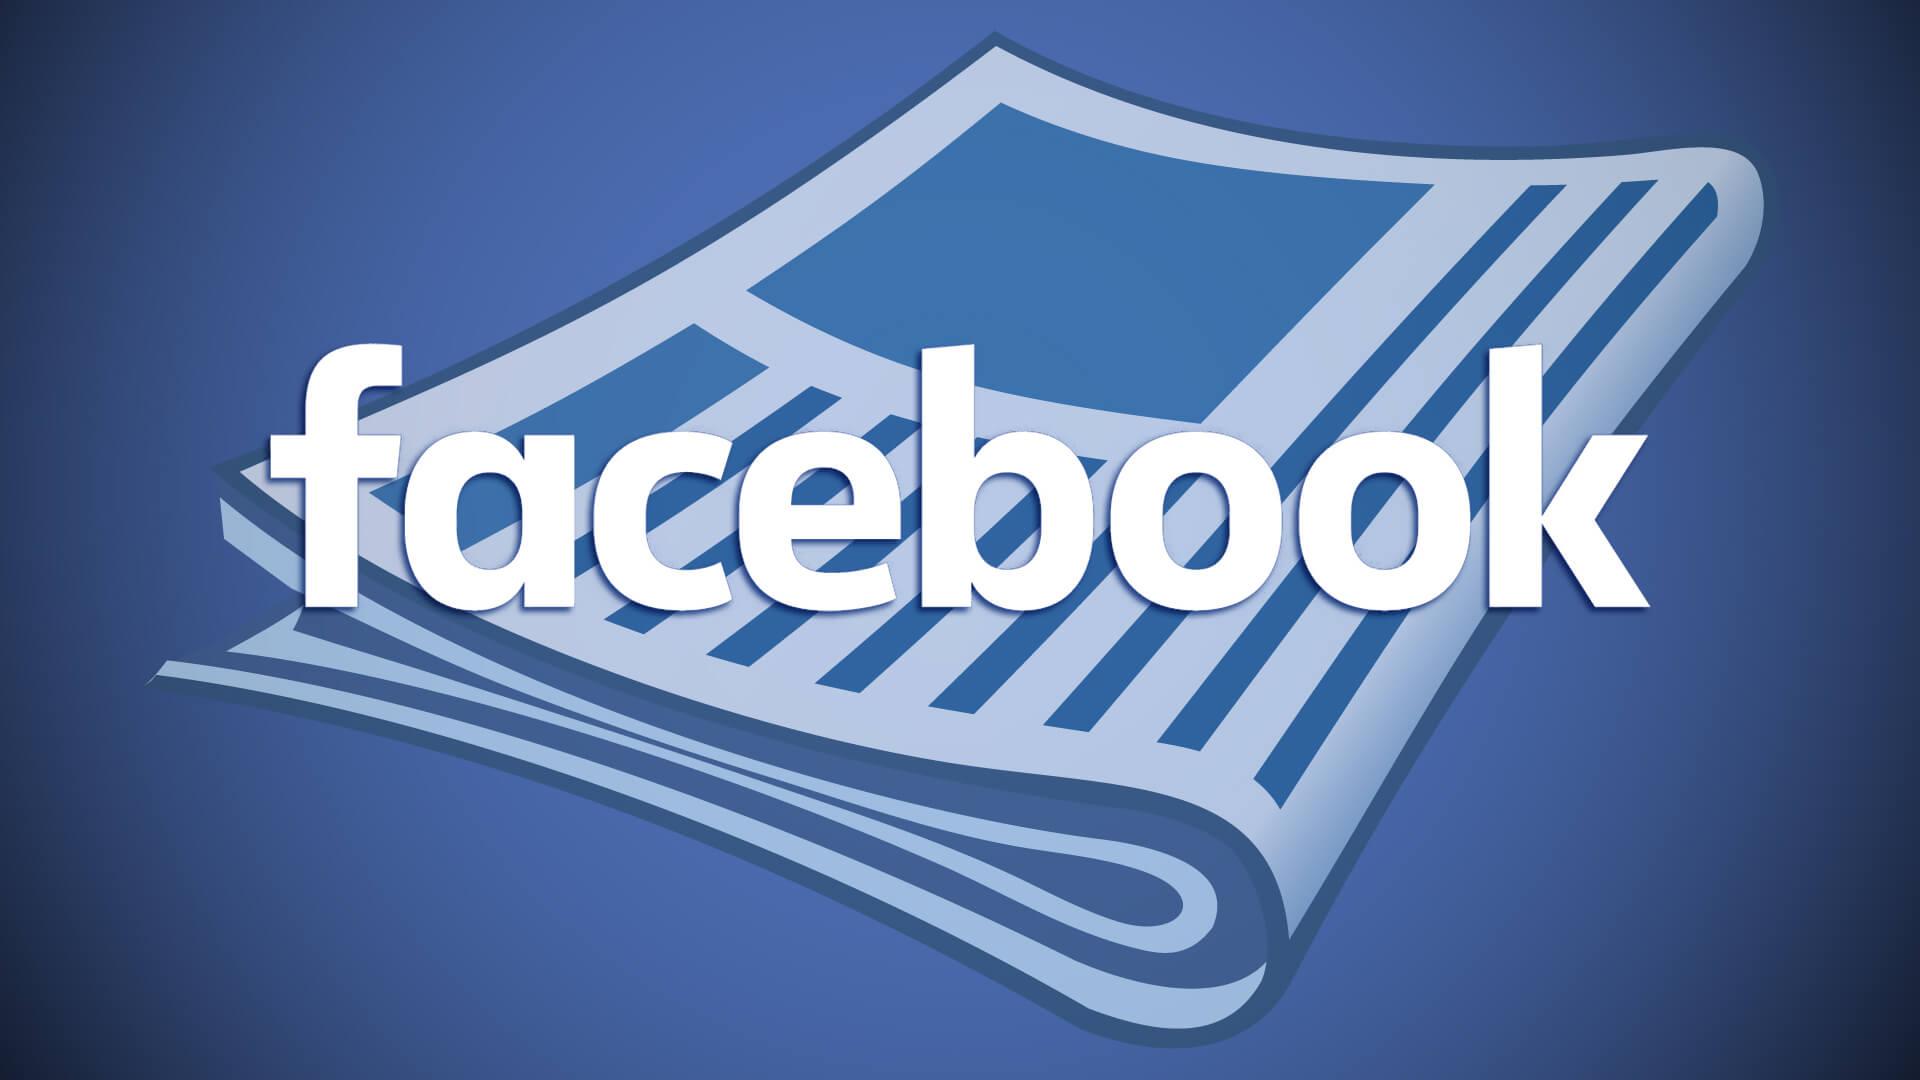 facebook-news-articles2-ss-1920.jpg